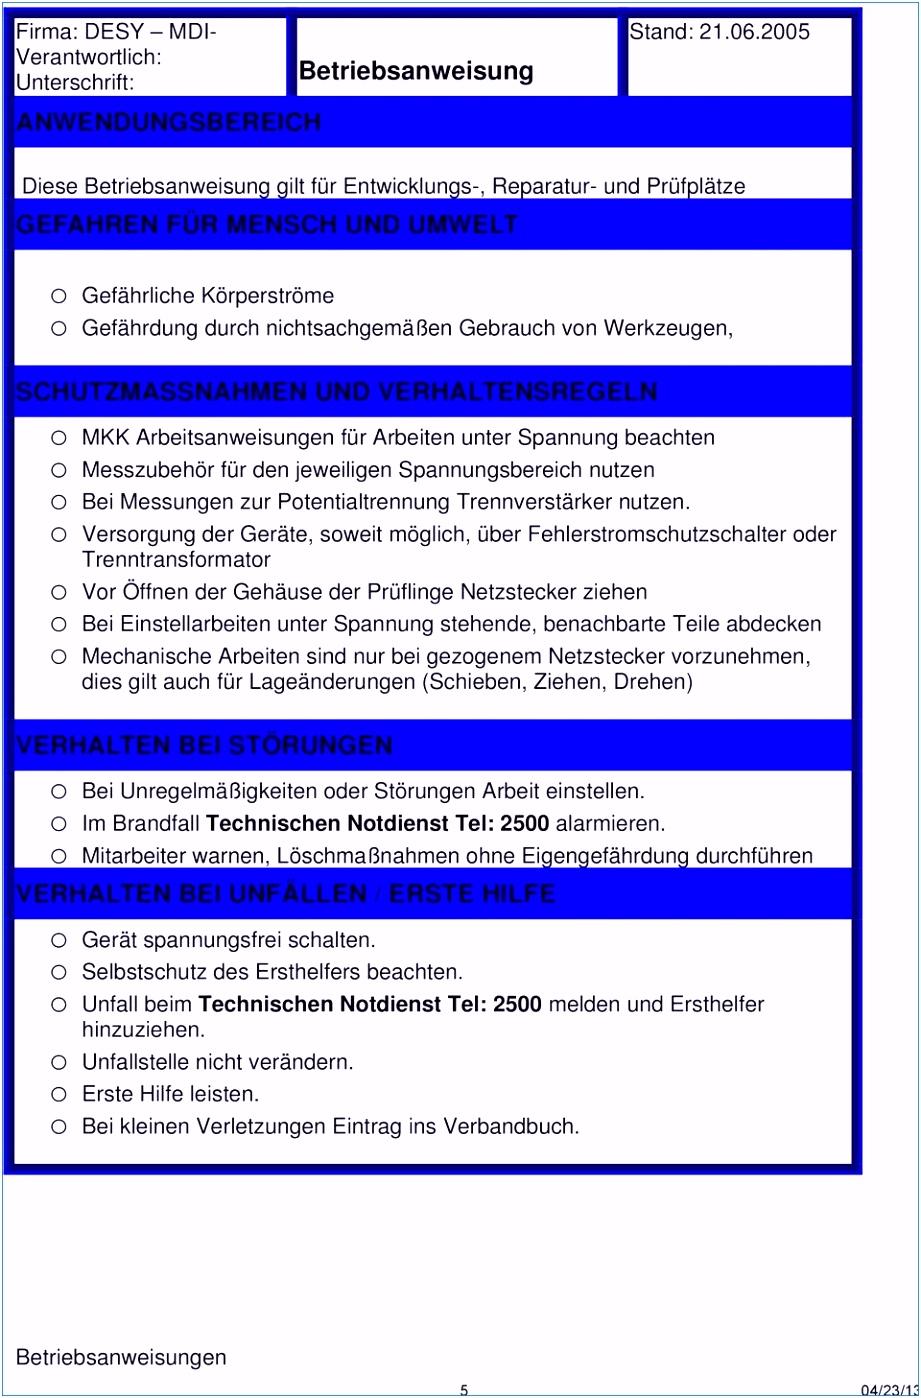 Luxus Verbandbuch Vorlage — Ishowbox